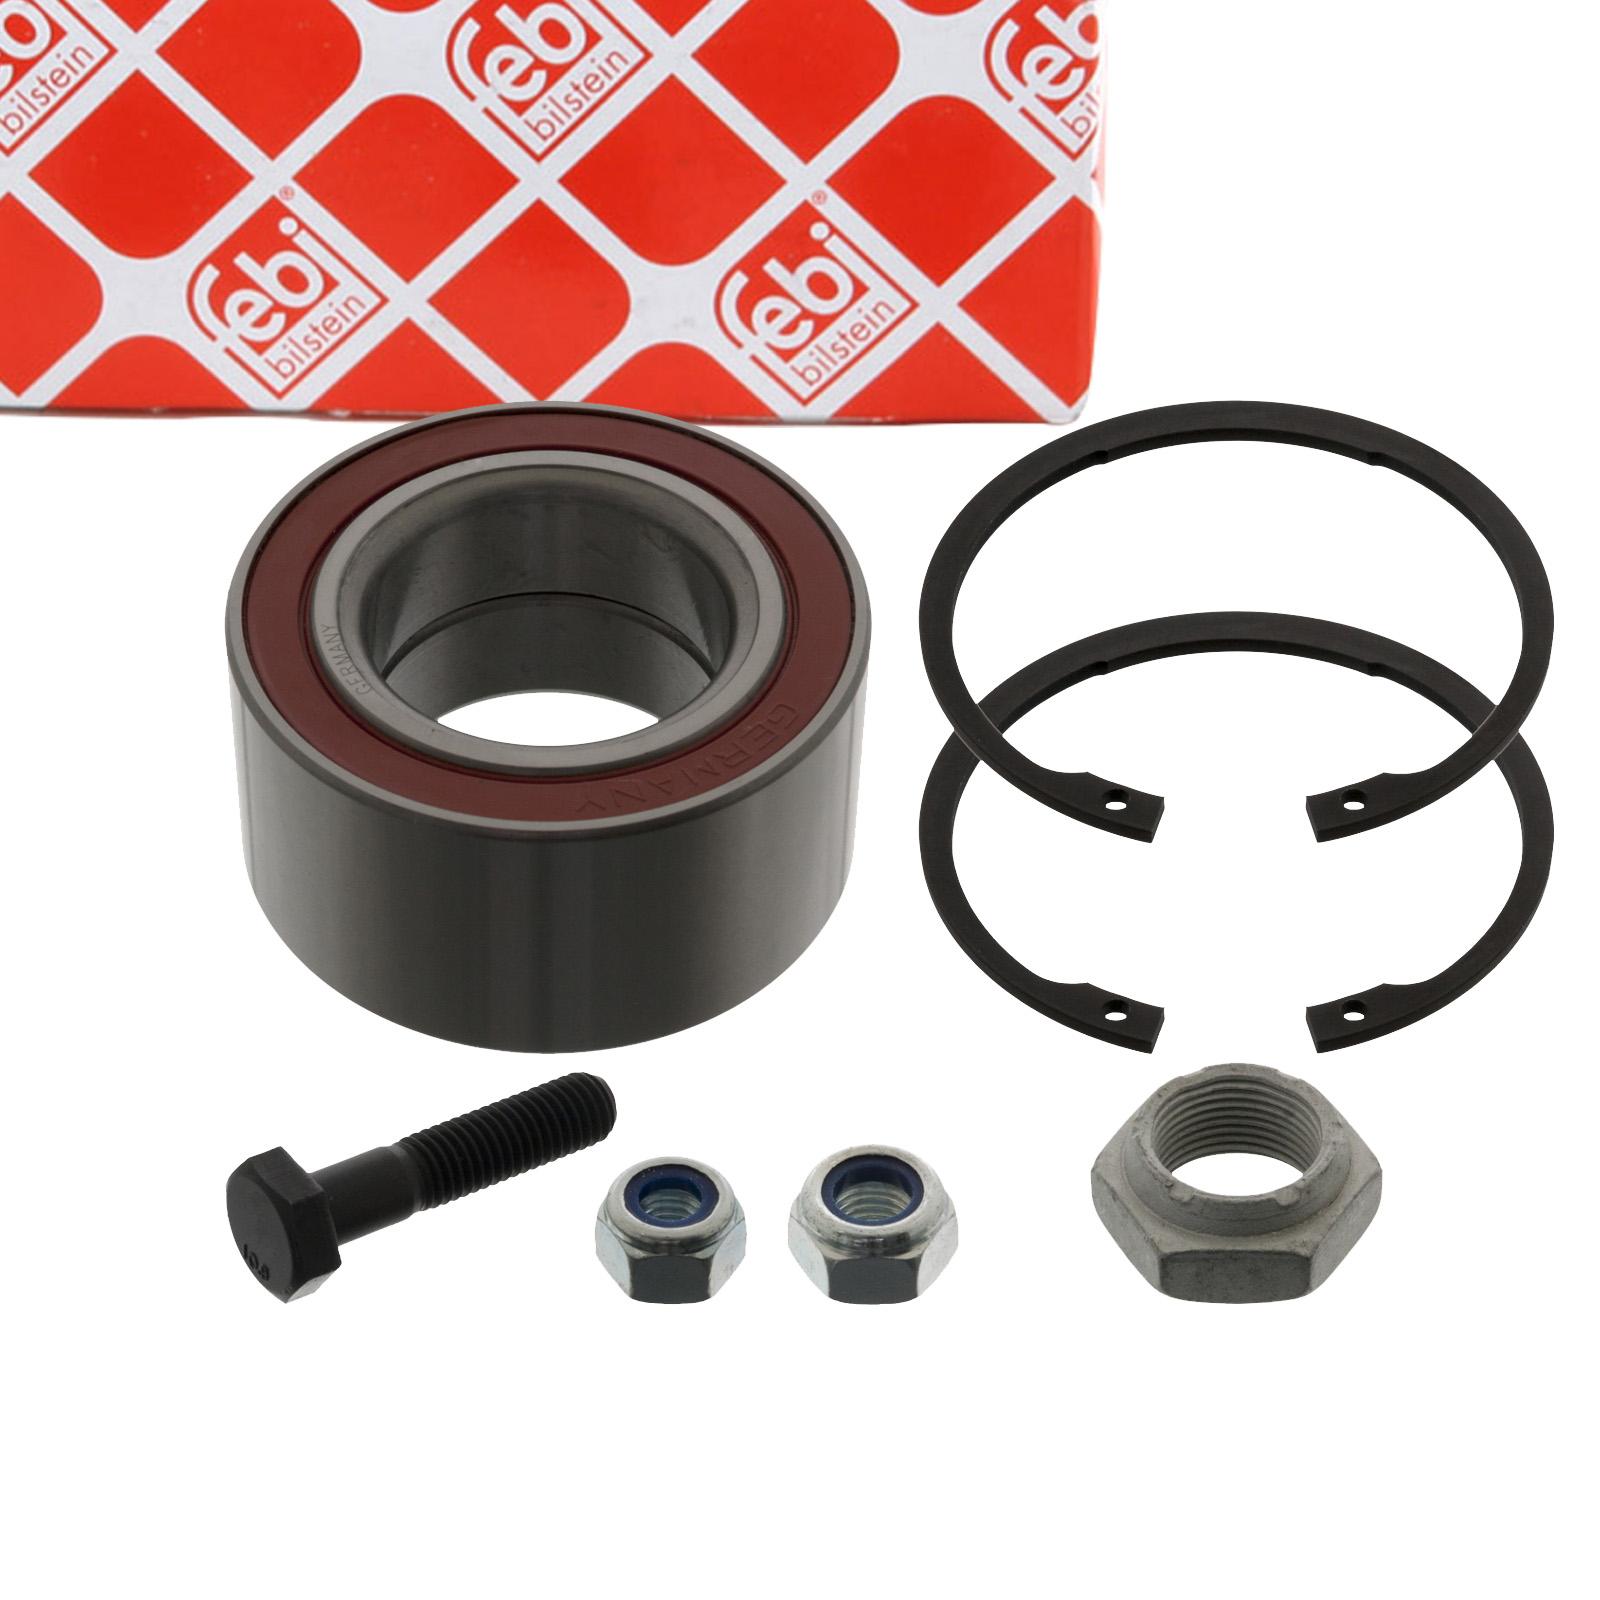 FEBI 03622 Radlagersatz Radlager AUDI 100 (C2 C3) 200 Quattro (85) V8 (4C) vorne 443498625